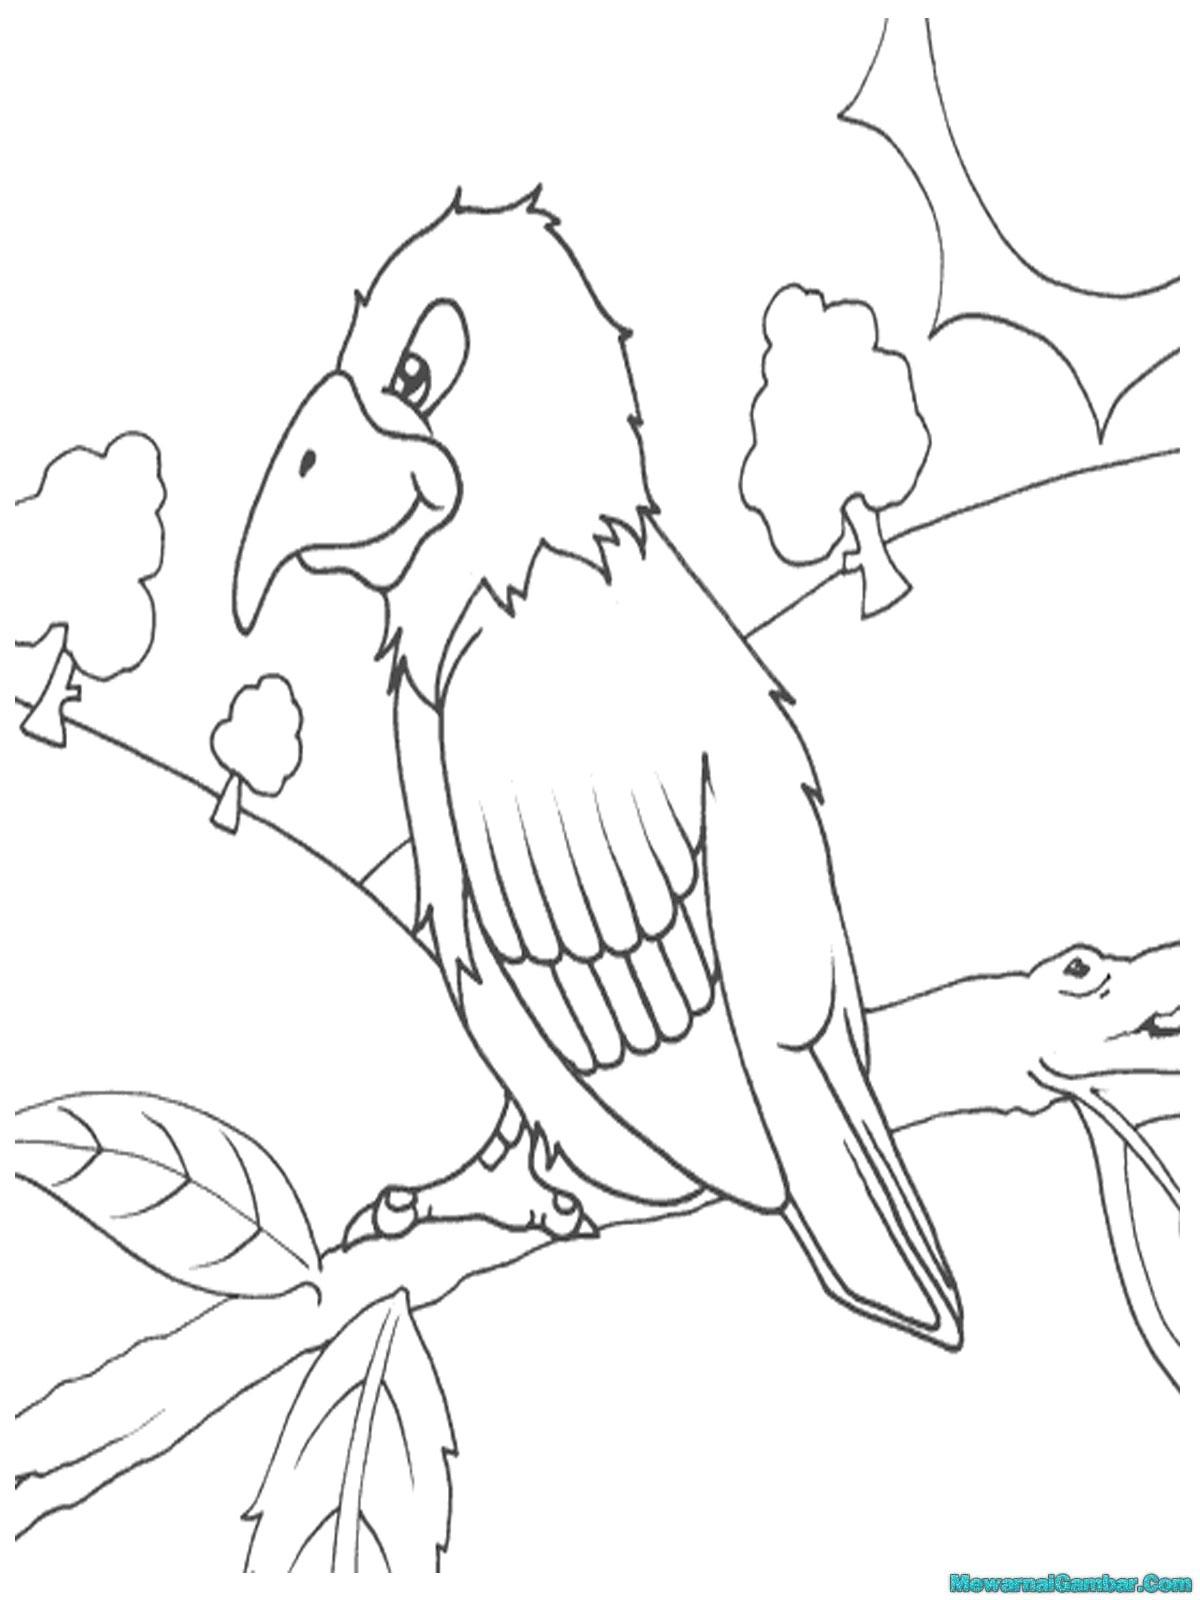 Download 15 Gambar Burung Untuk Diwarnai Mewarnai Gambar Download